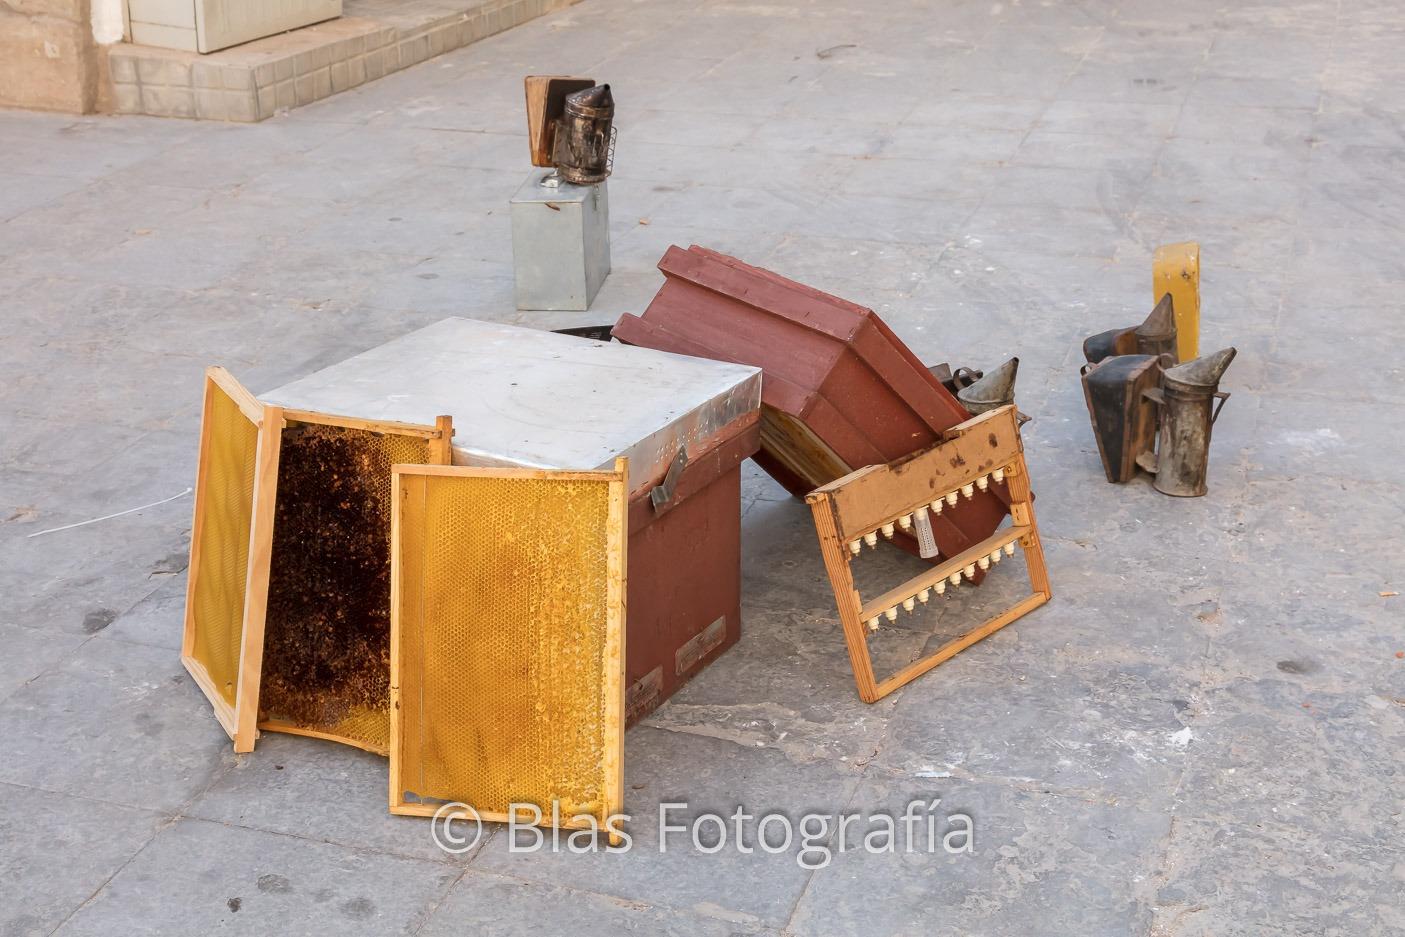 Útiles de apicultura